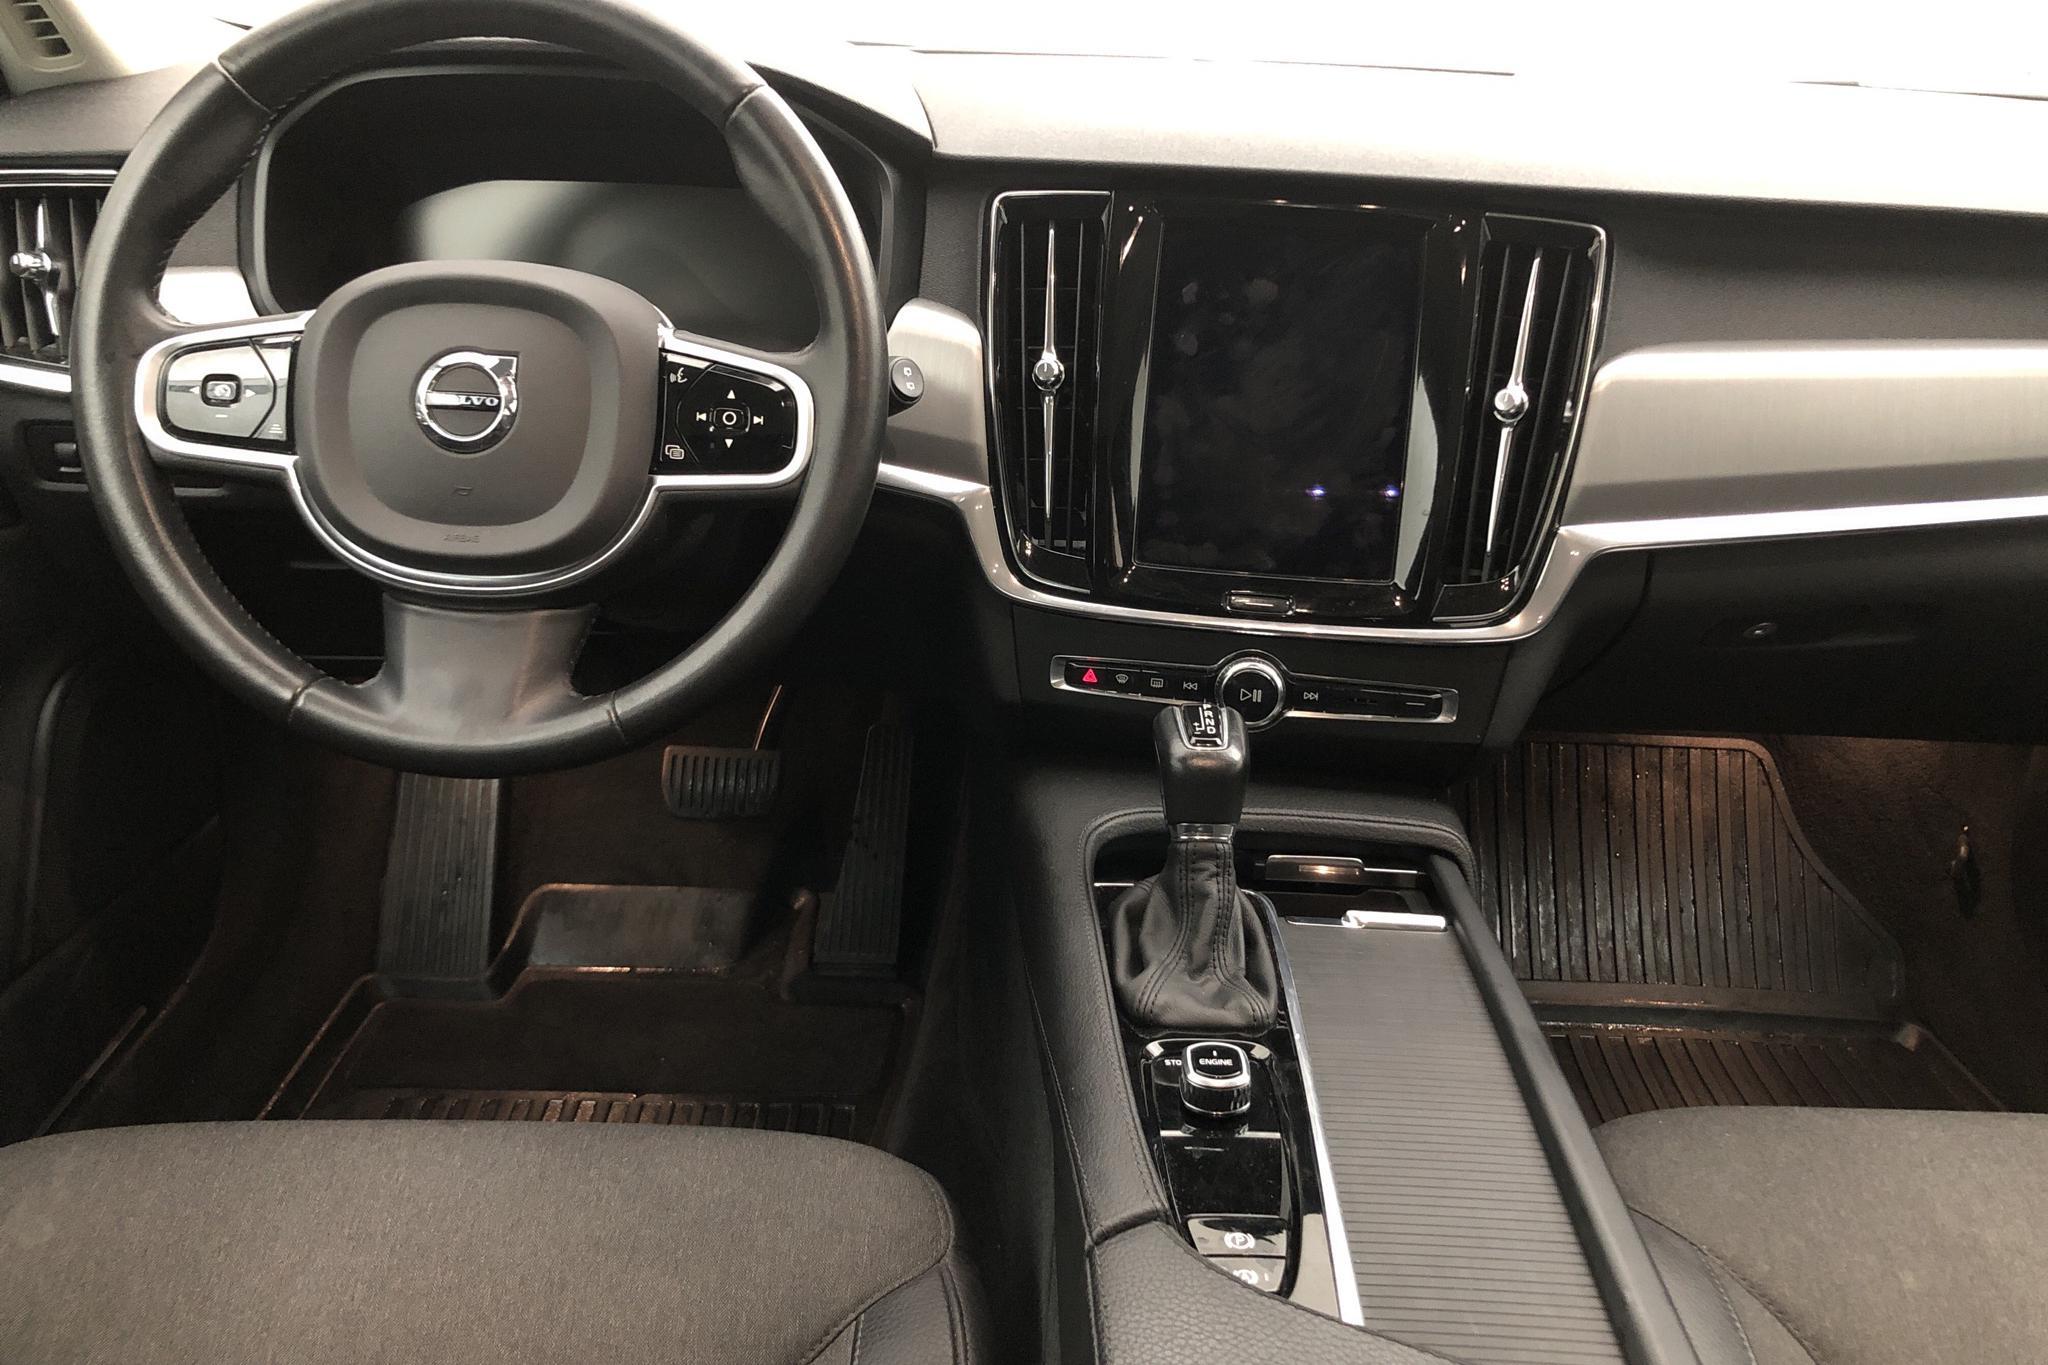 Volvo V90 T5 (254hk) - 0 km - Automatic - white - 2017